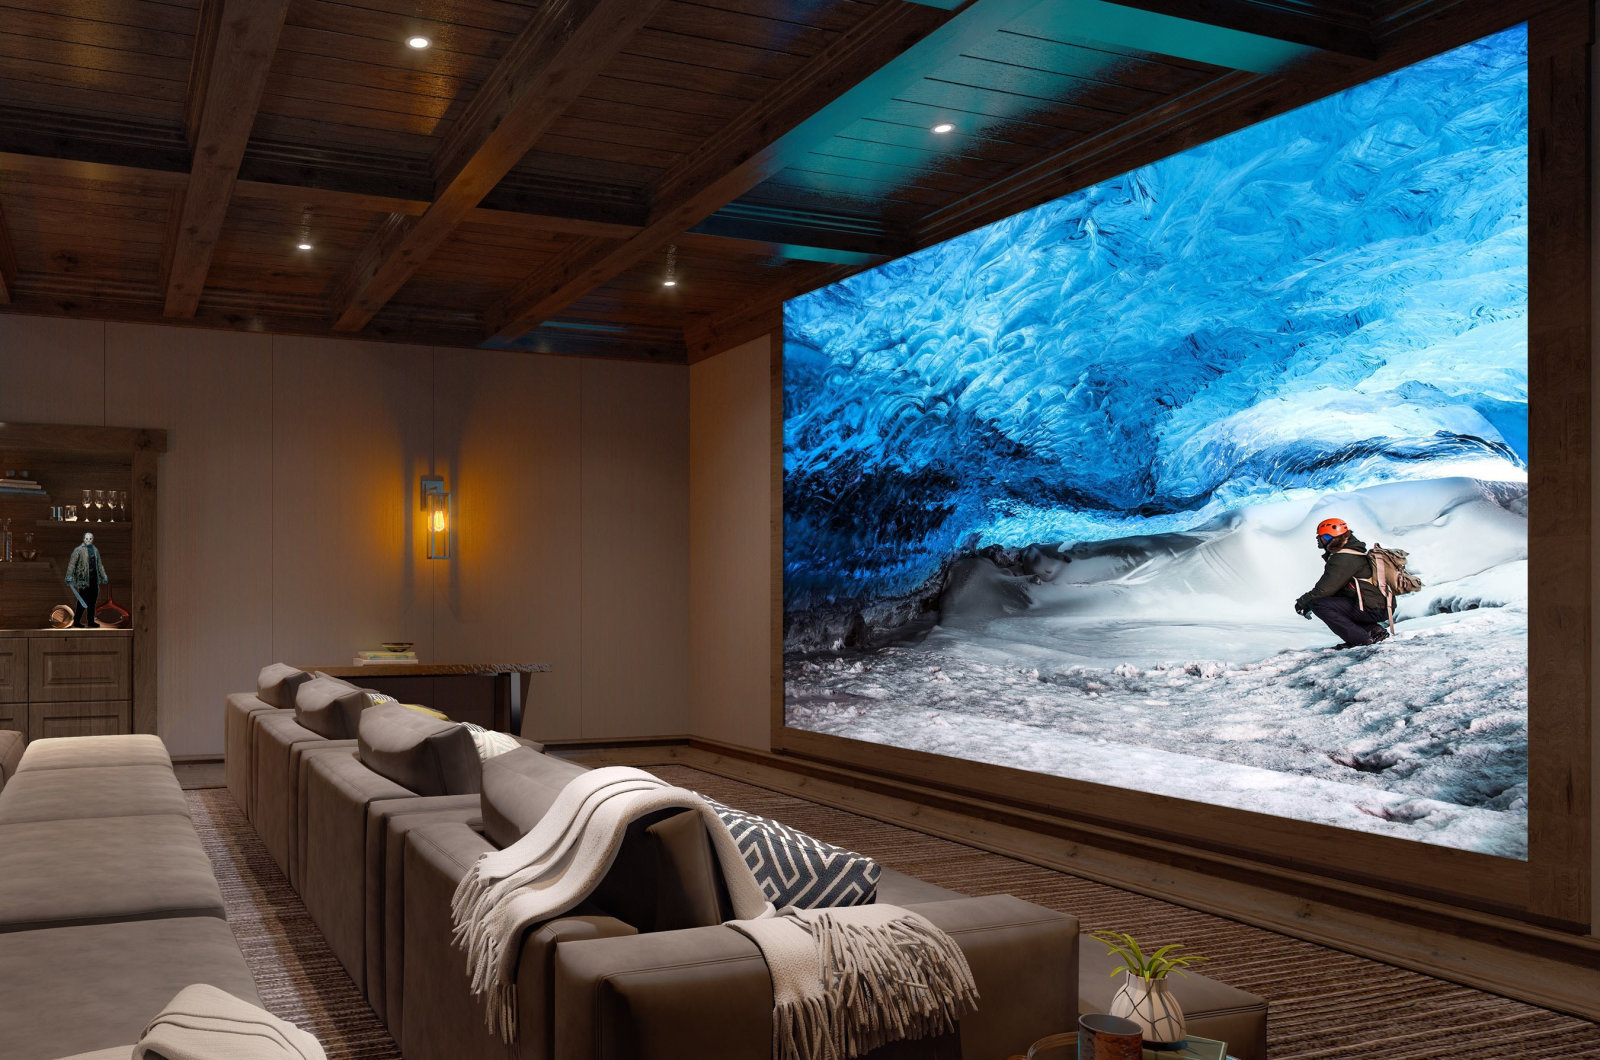 Sony : achetez un écran 16K de 19 mètres si vous avez des millions